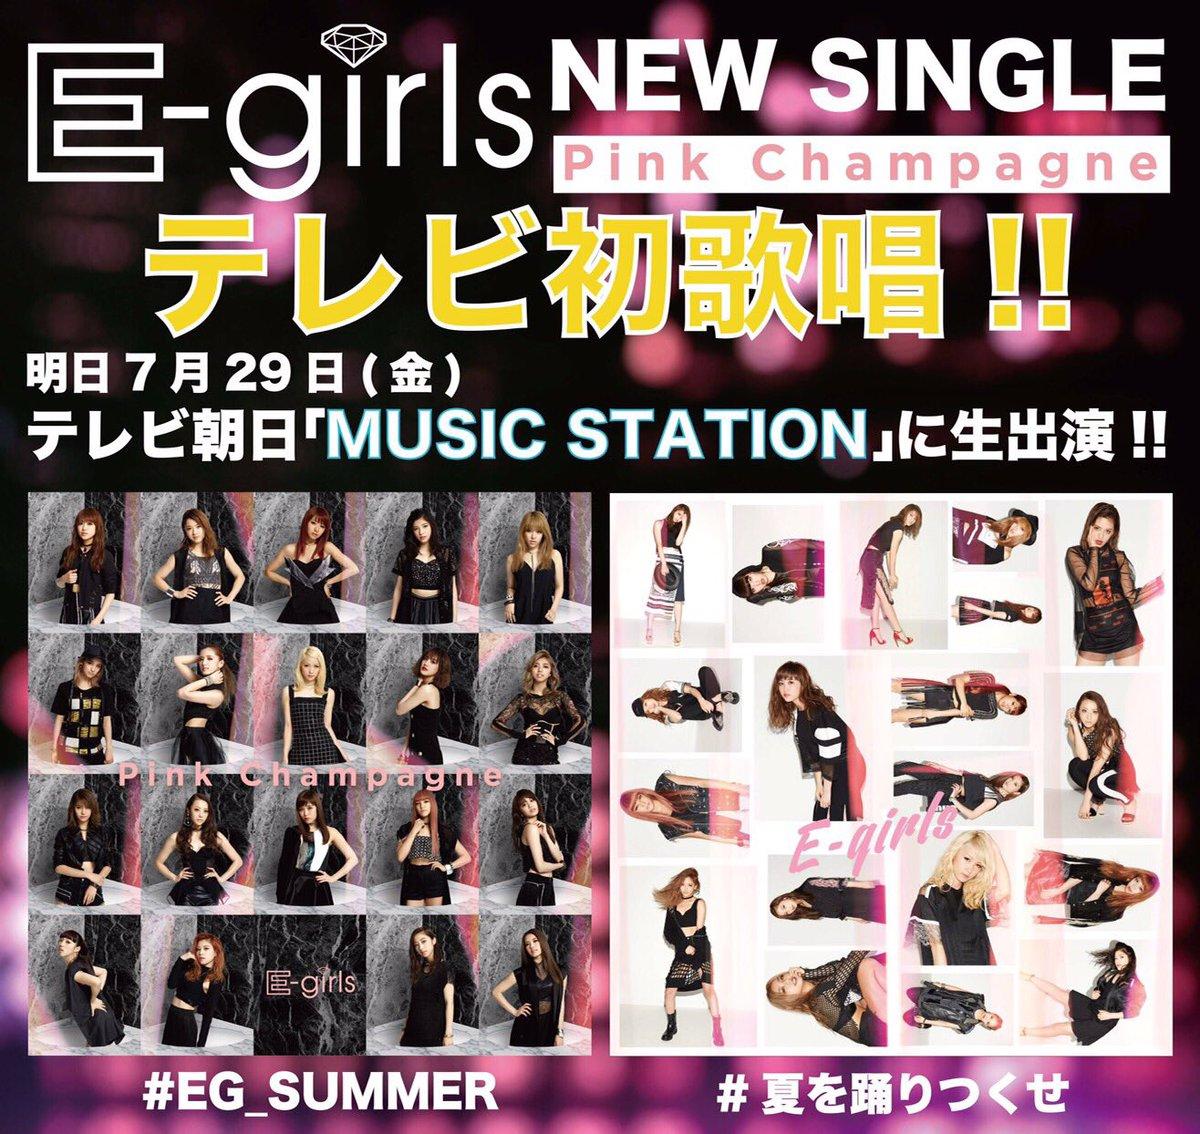 ついに明日Mステ生出演!! テレビ初披露となる Pink Champagne お楽しみに✨  #Mス…